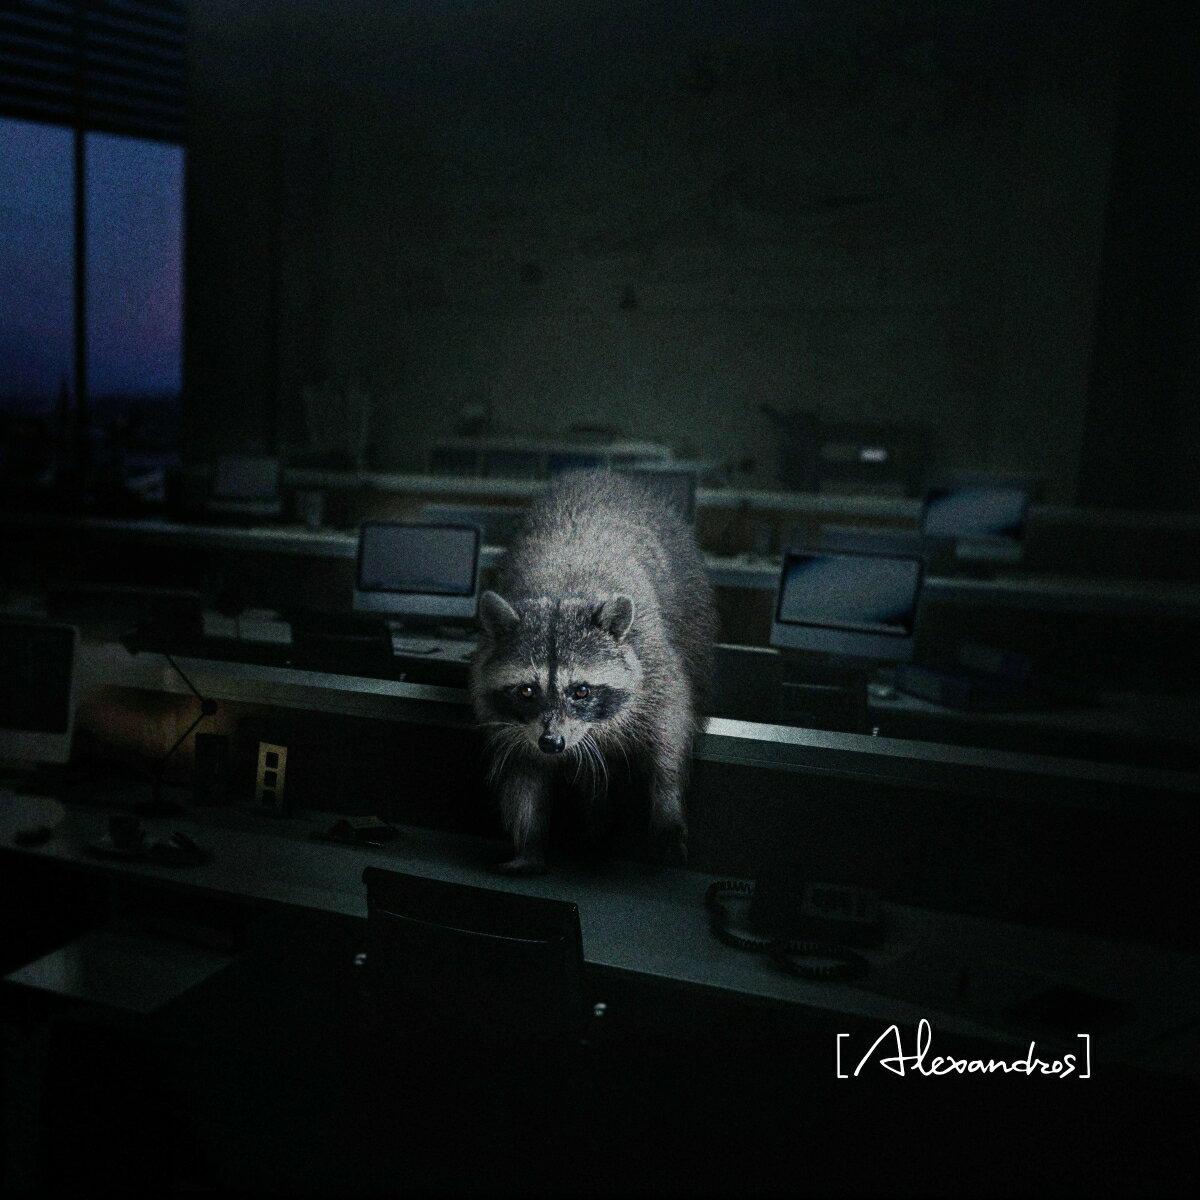 邦楽, ロック・ポップス Beast((A5)) Alexandros